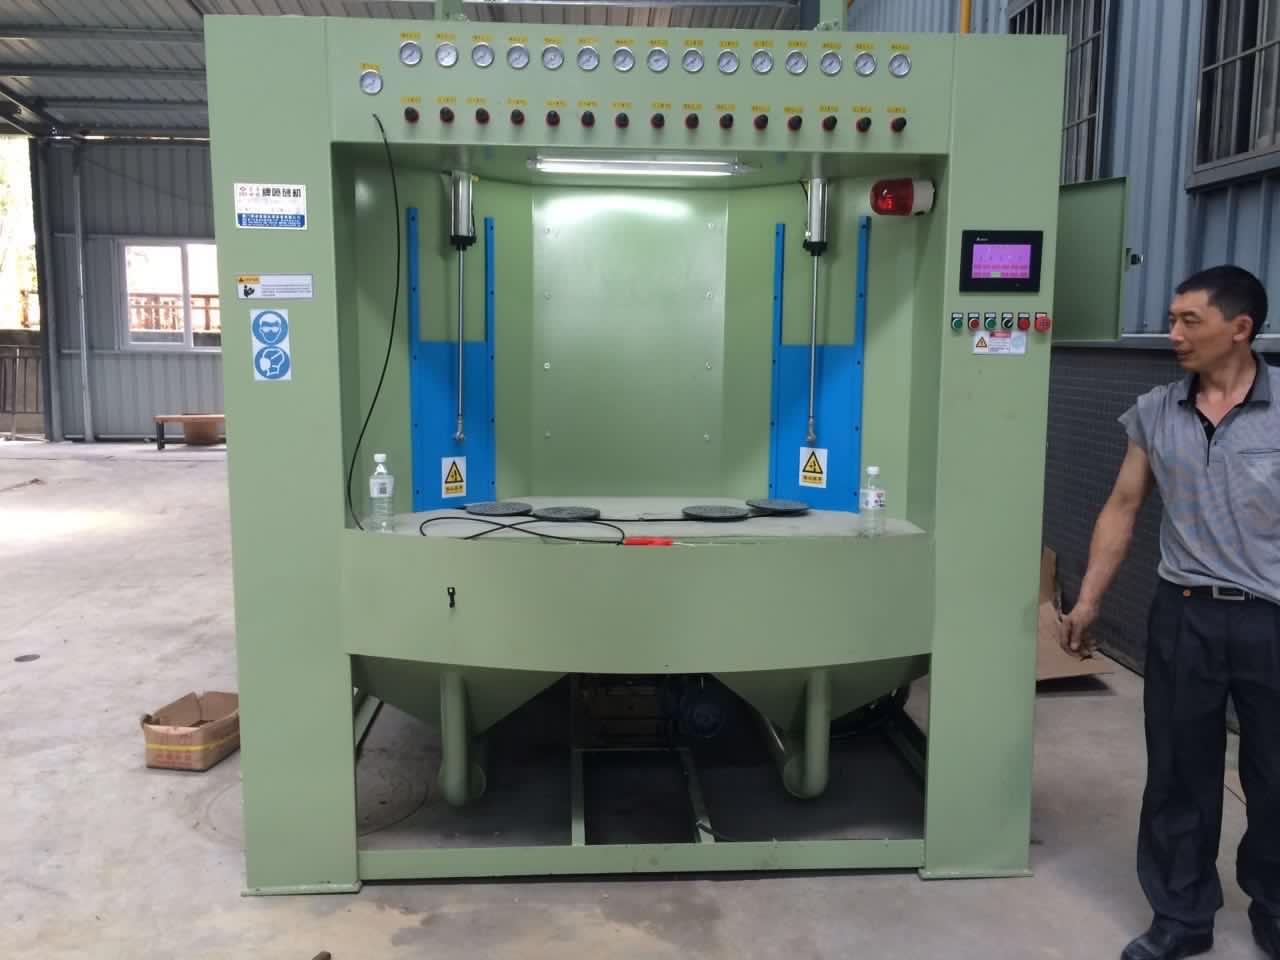 福州喷砂机生产厂家 喷砂机制造商 /厦门荣卓晟机械设备